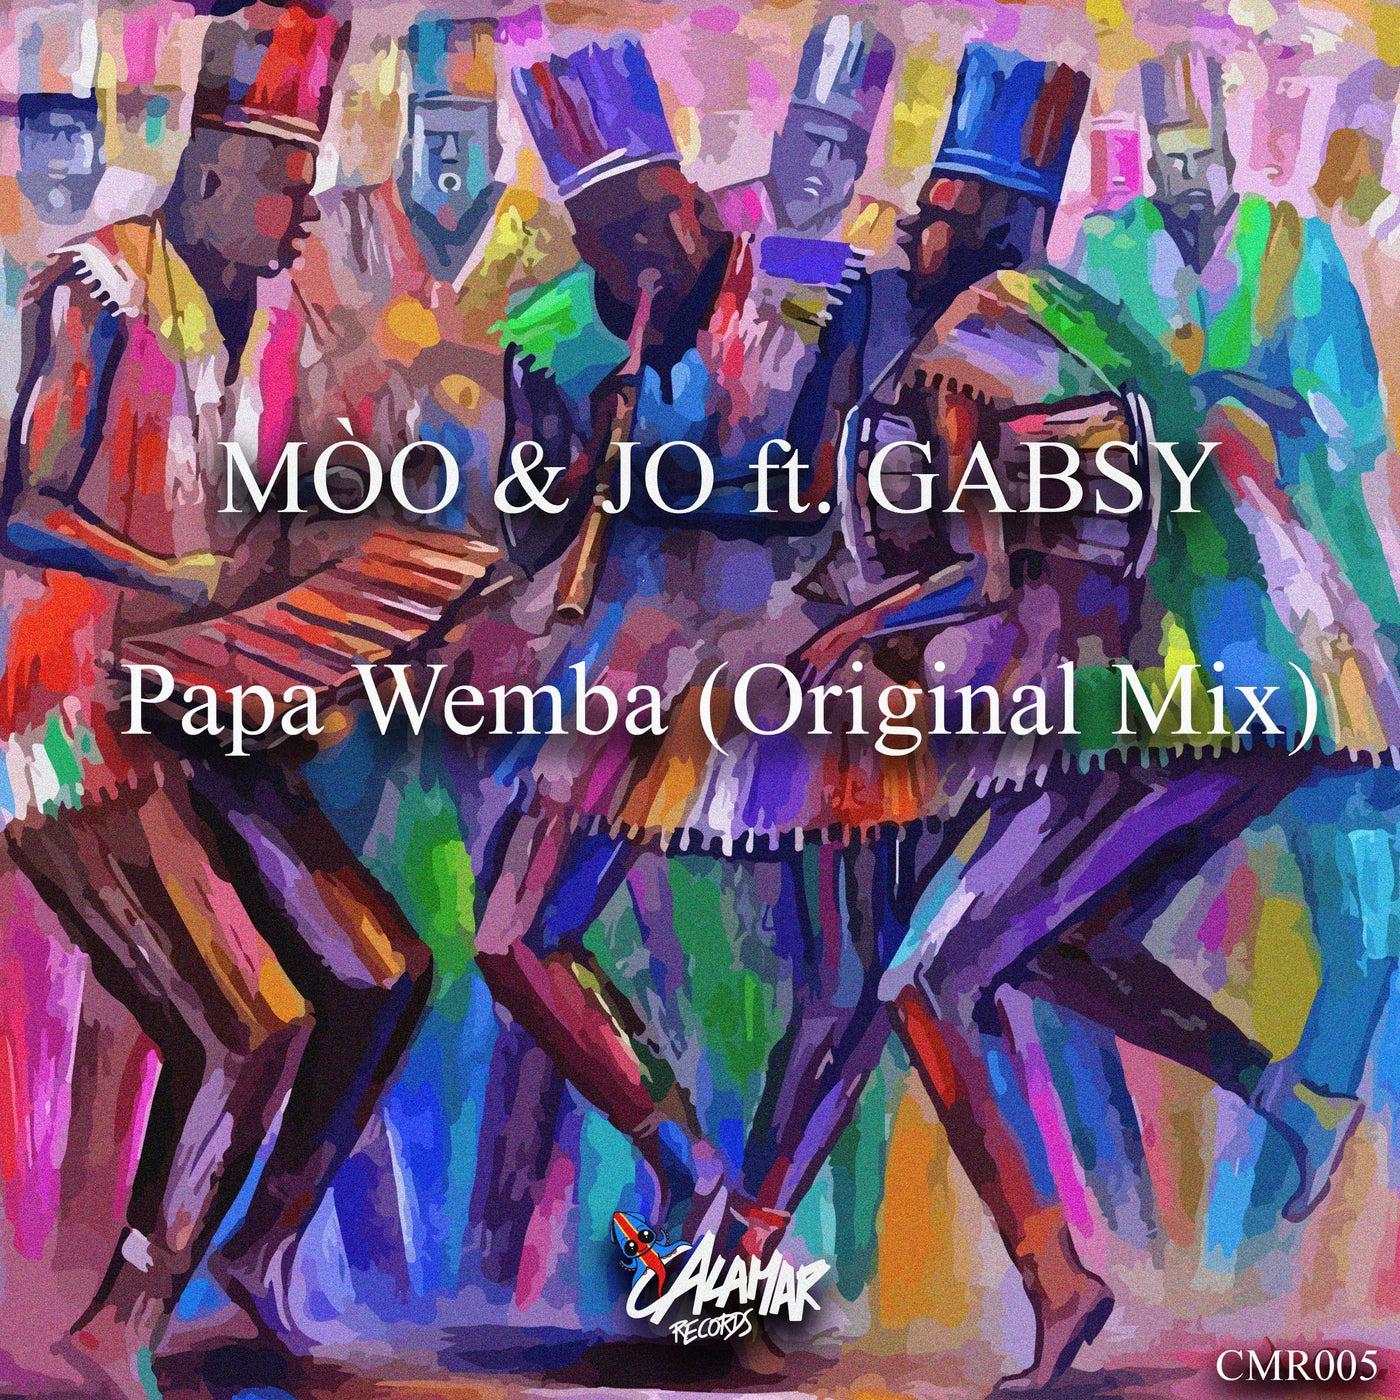 Papa Wemba (Original Mix)